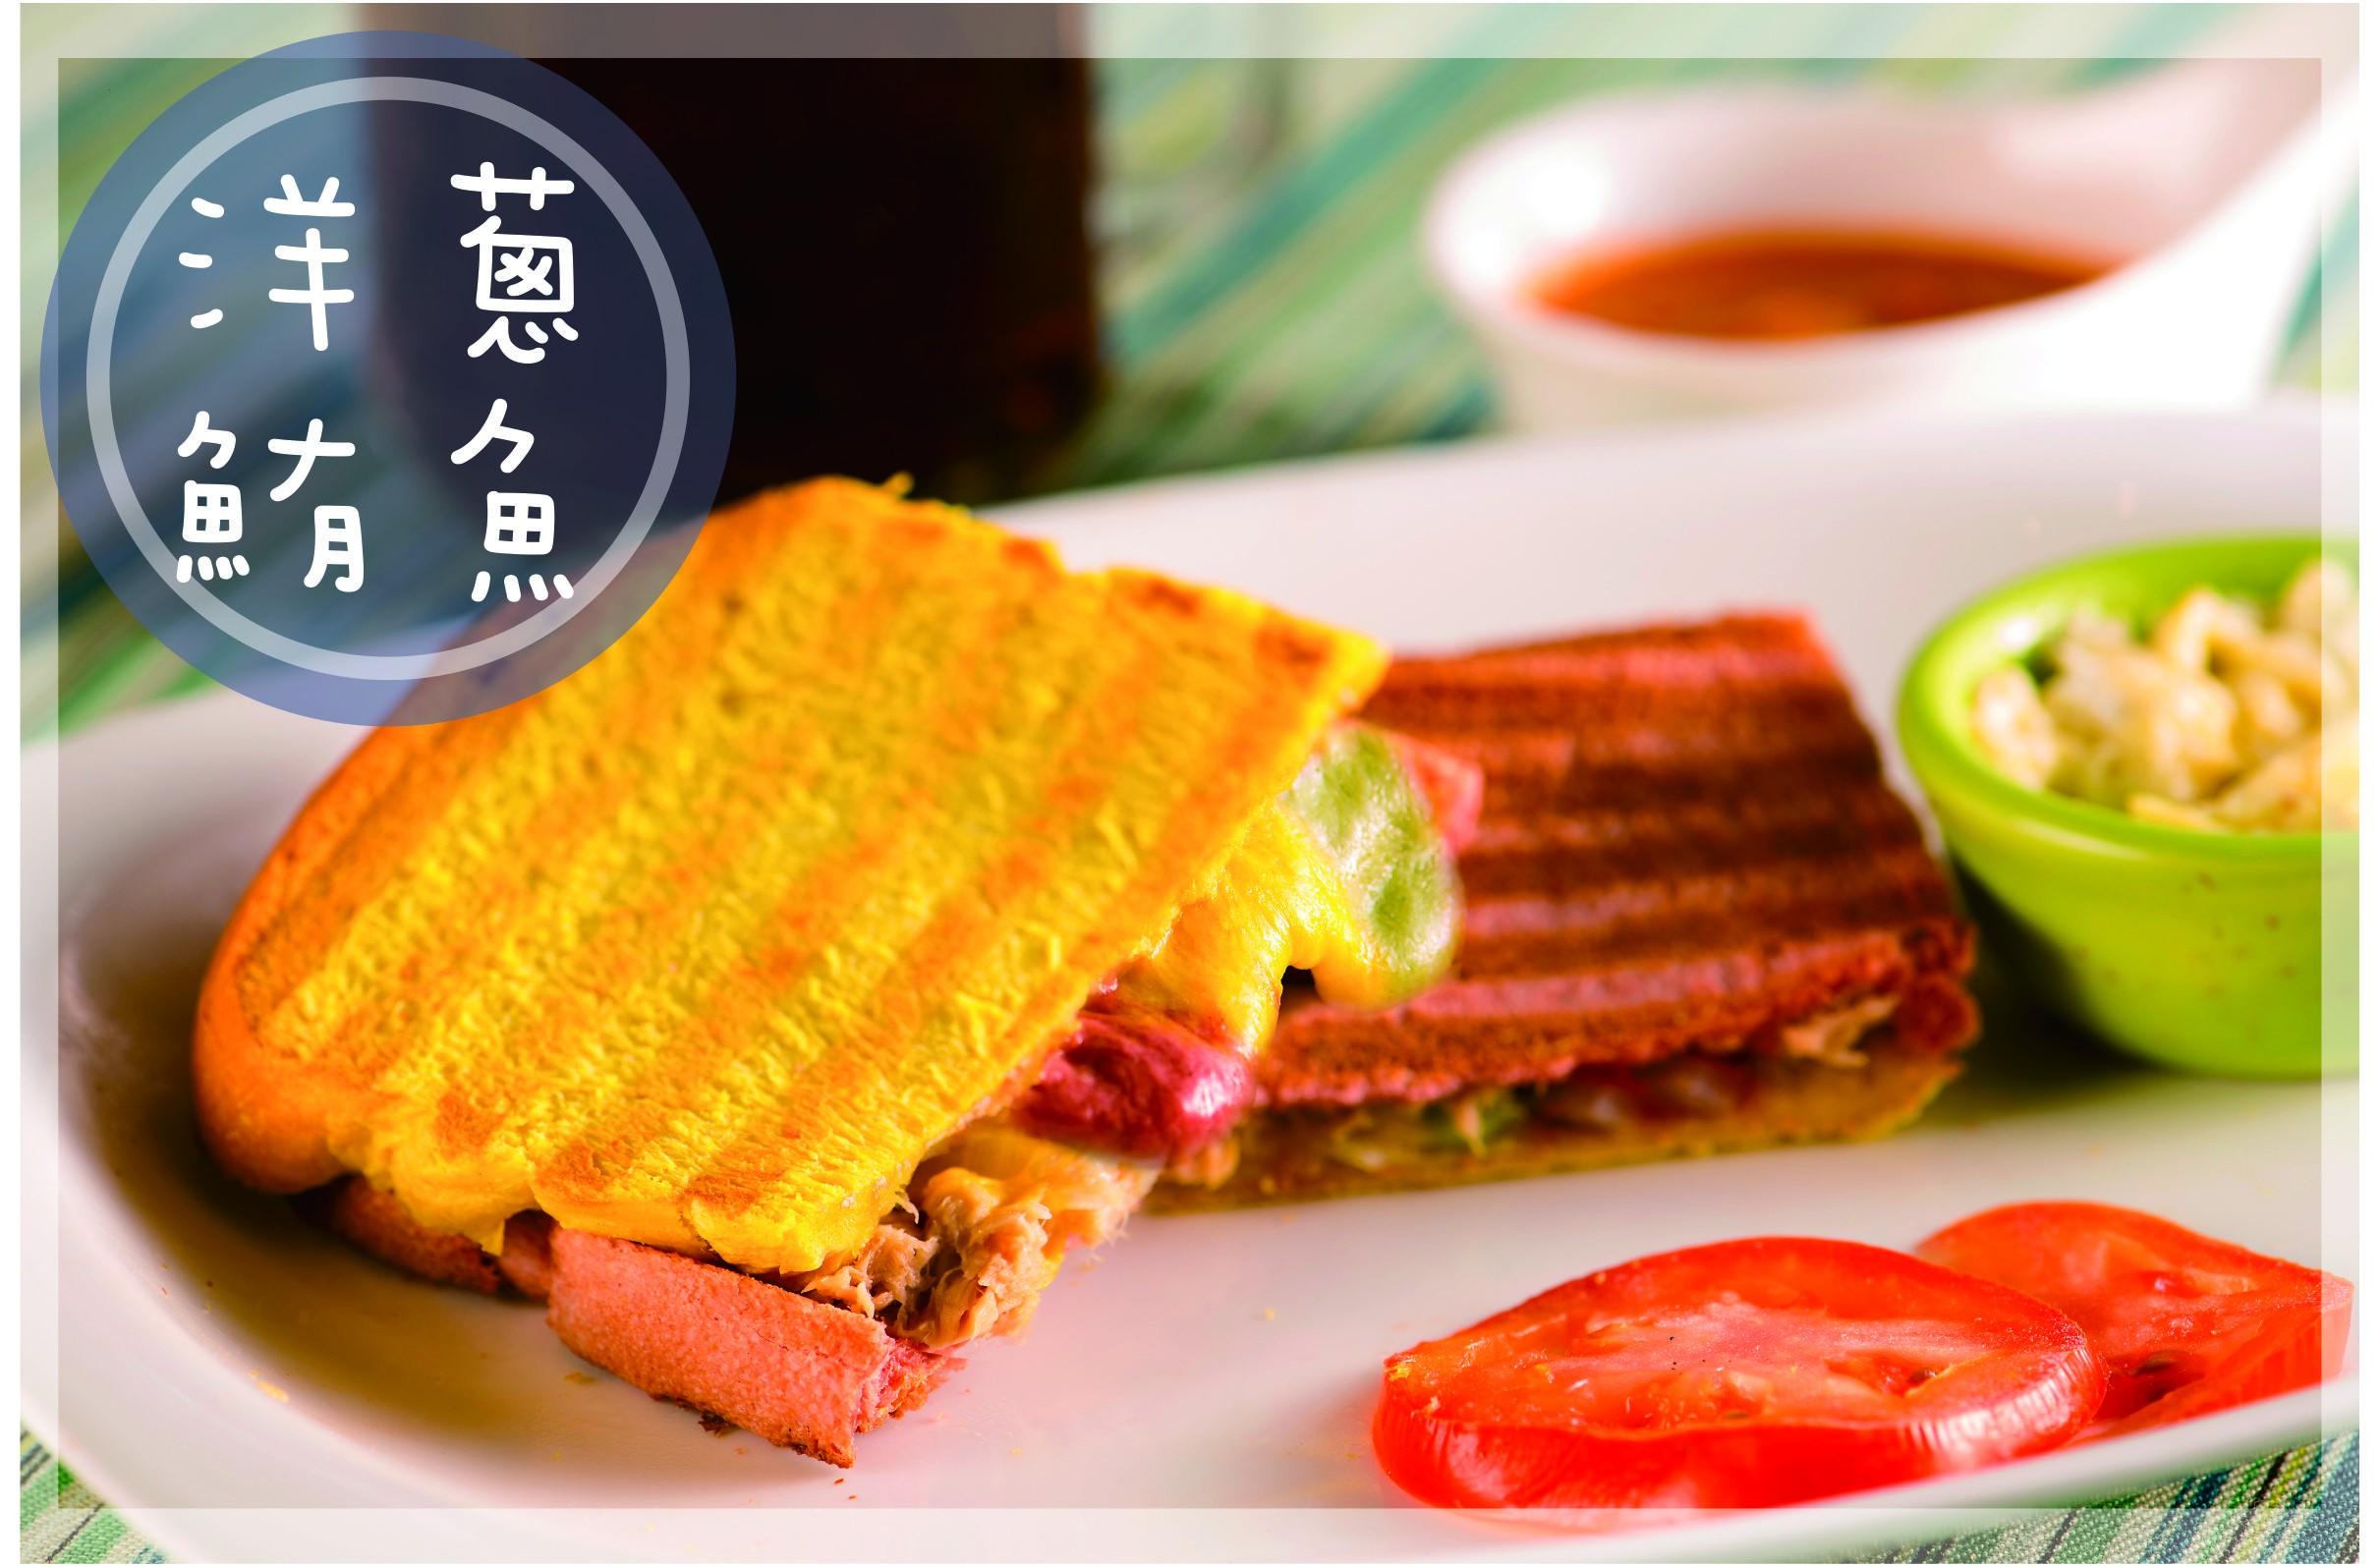 爆漿洋蔥鮪魚彩虹起士吐司